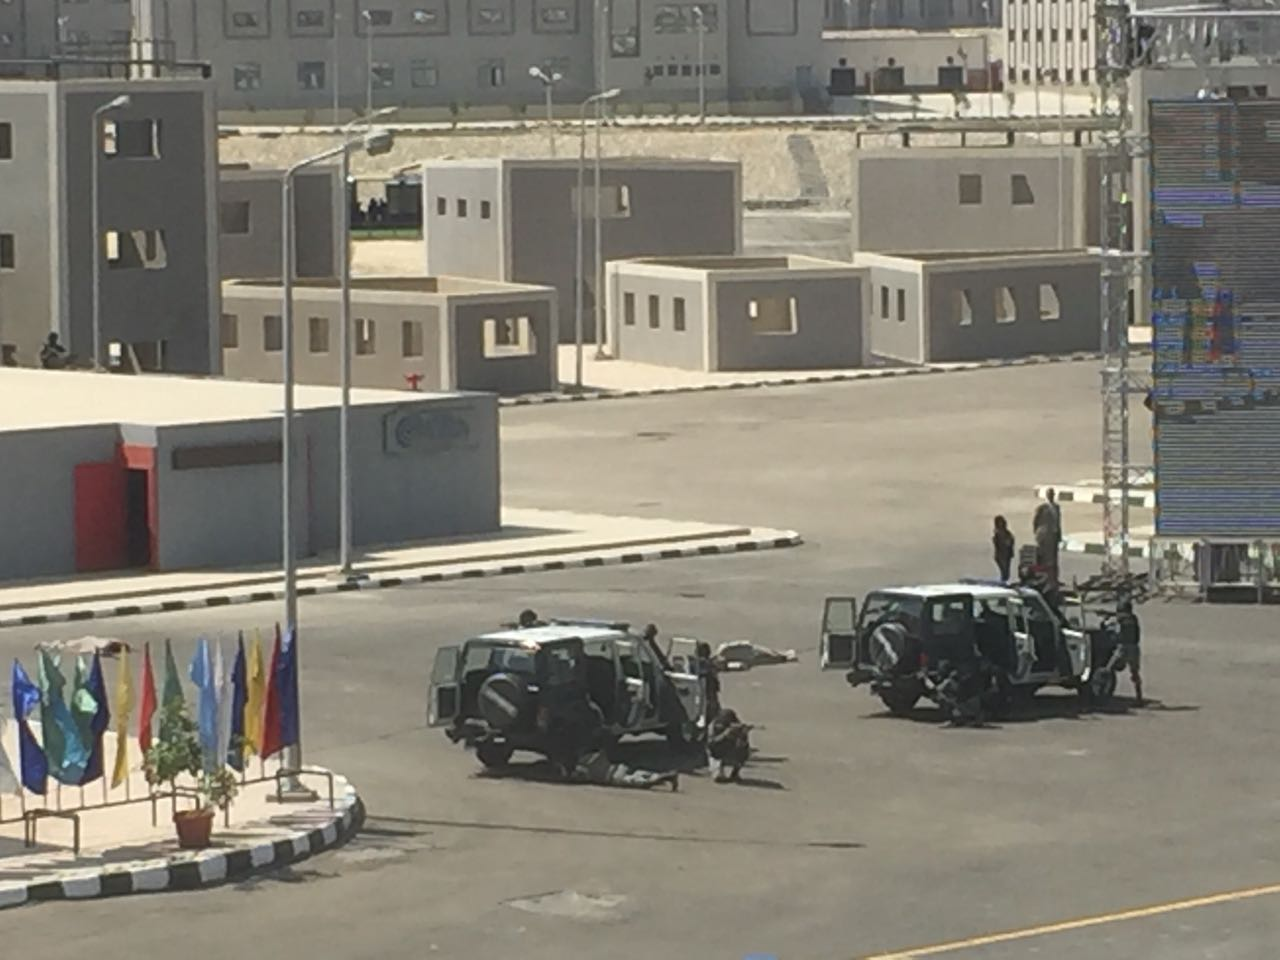 سيناريوهات للشرطة لمداهمة لعناصر الارهابية بحضور وزير الداخلية (3)